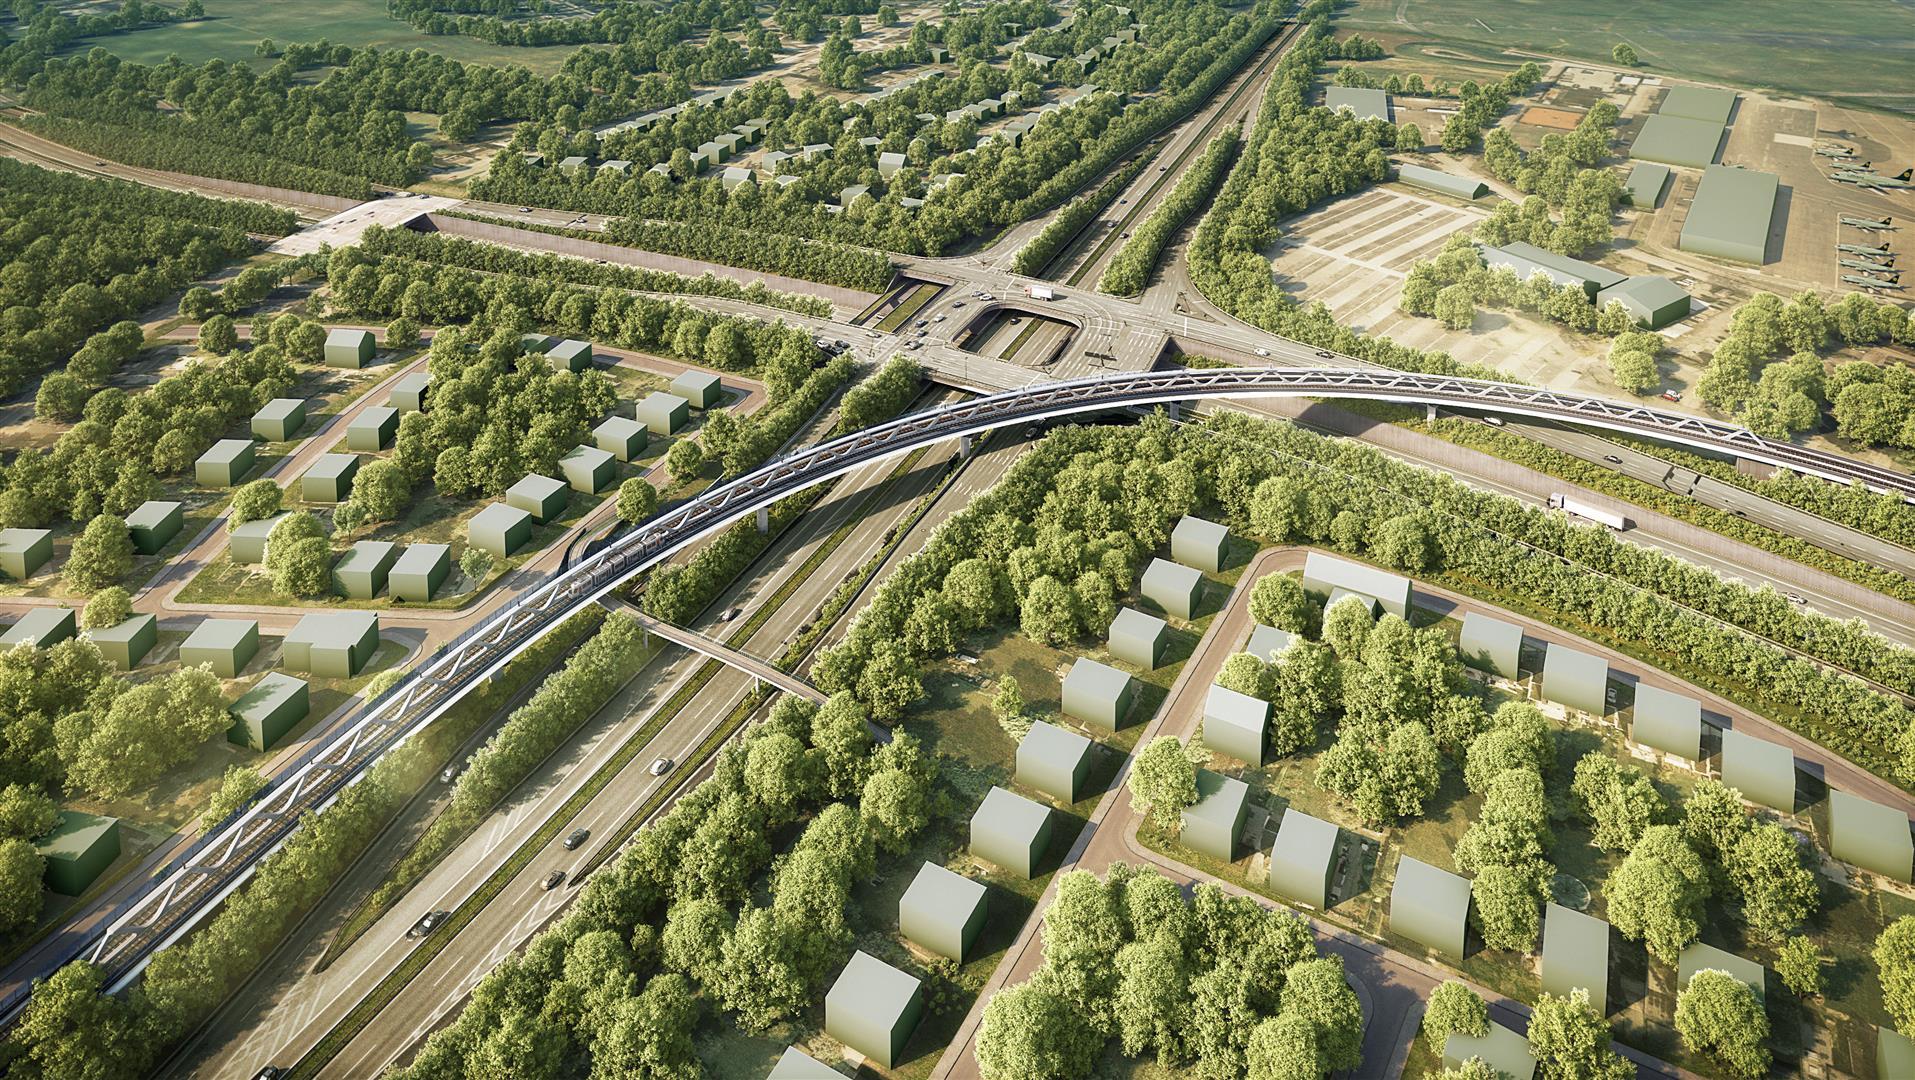 Die Stadtbahn U81 wird den Nordstern mit Hilfe einer Brücke überqueren (Foto: Reinhart Partner - Architekten und Stadtplaner)